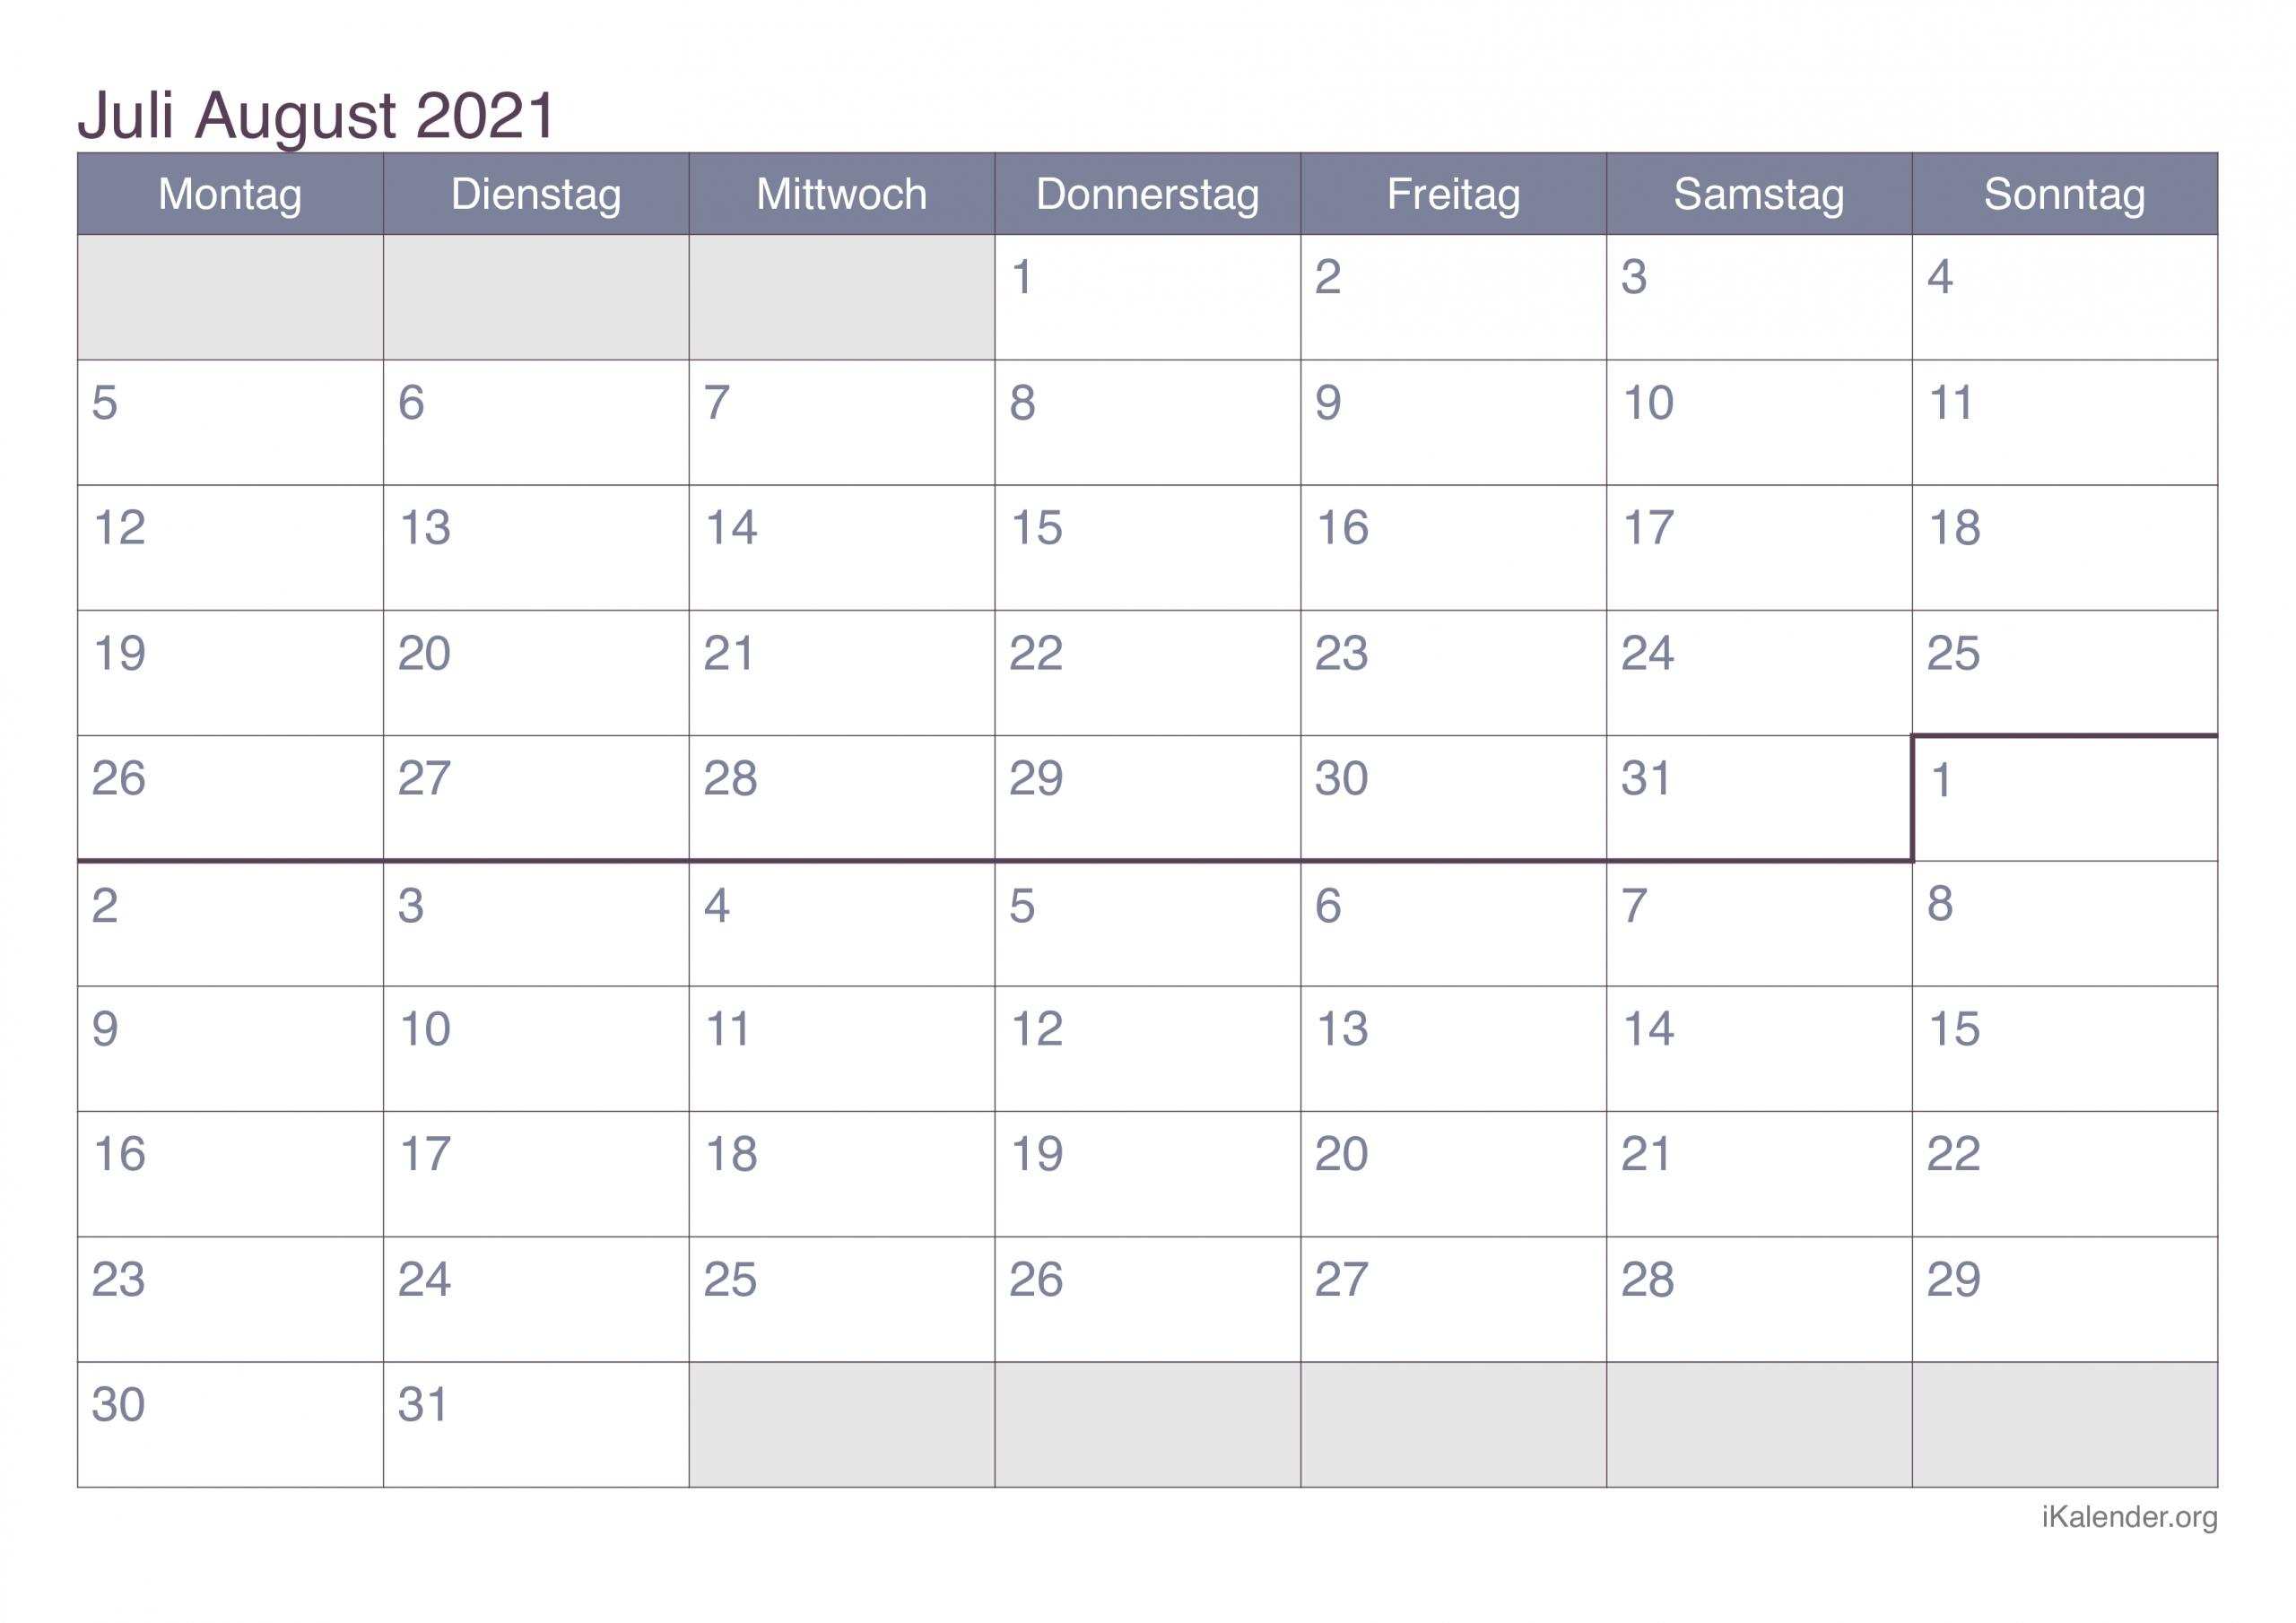 Take Kalender 2021 Juli August